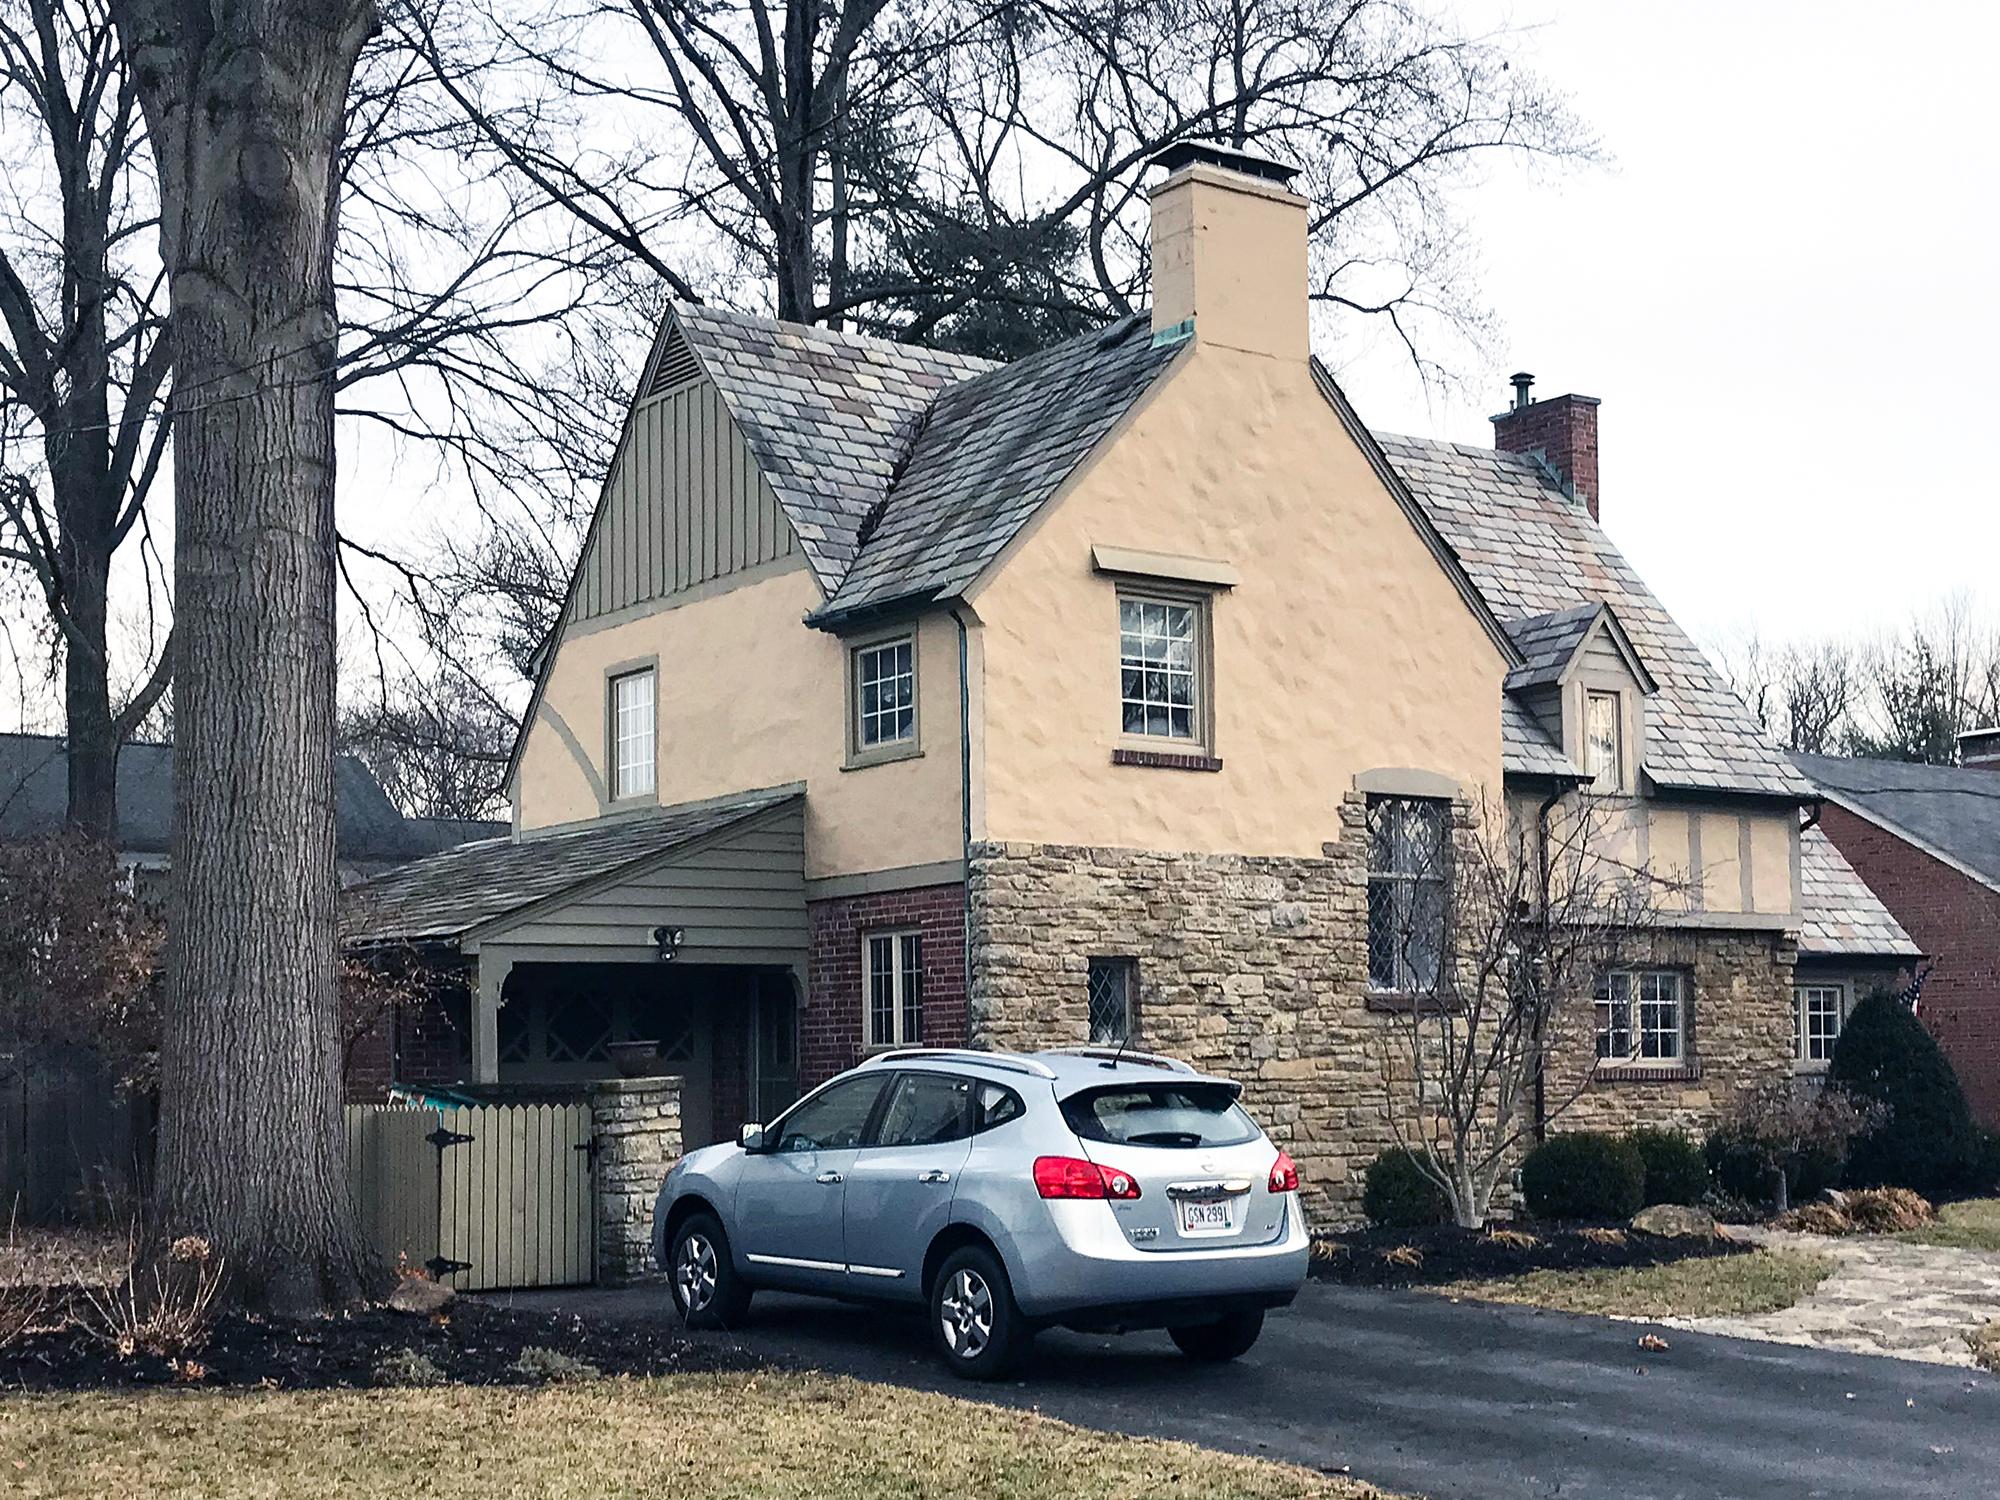 Tudor residential architecture Cincinnati stone